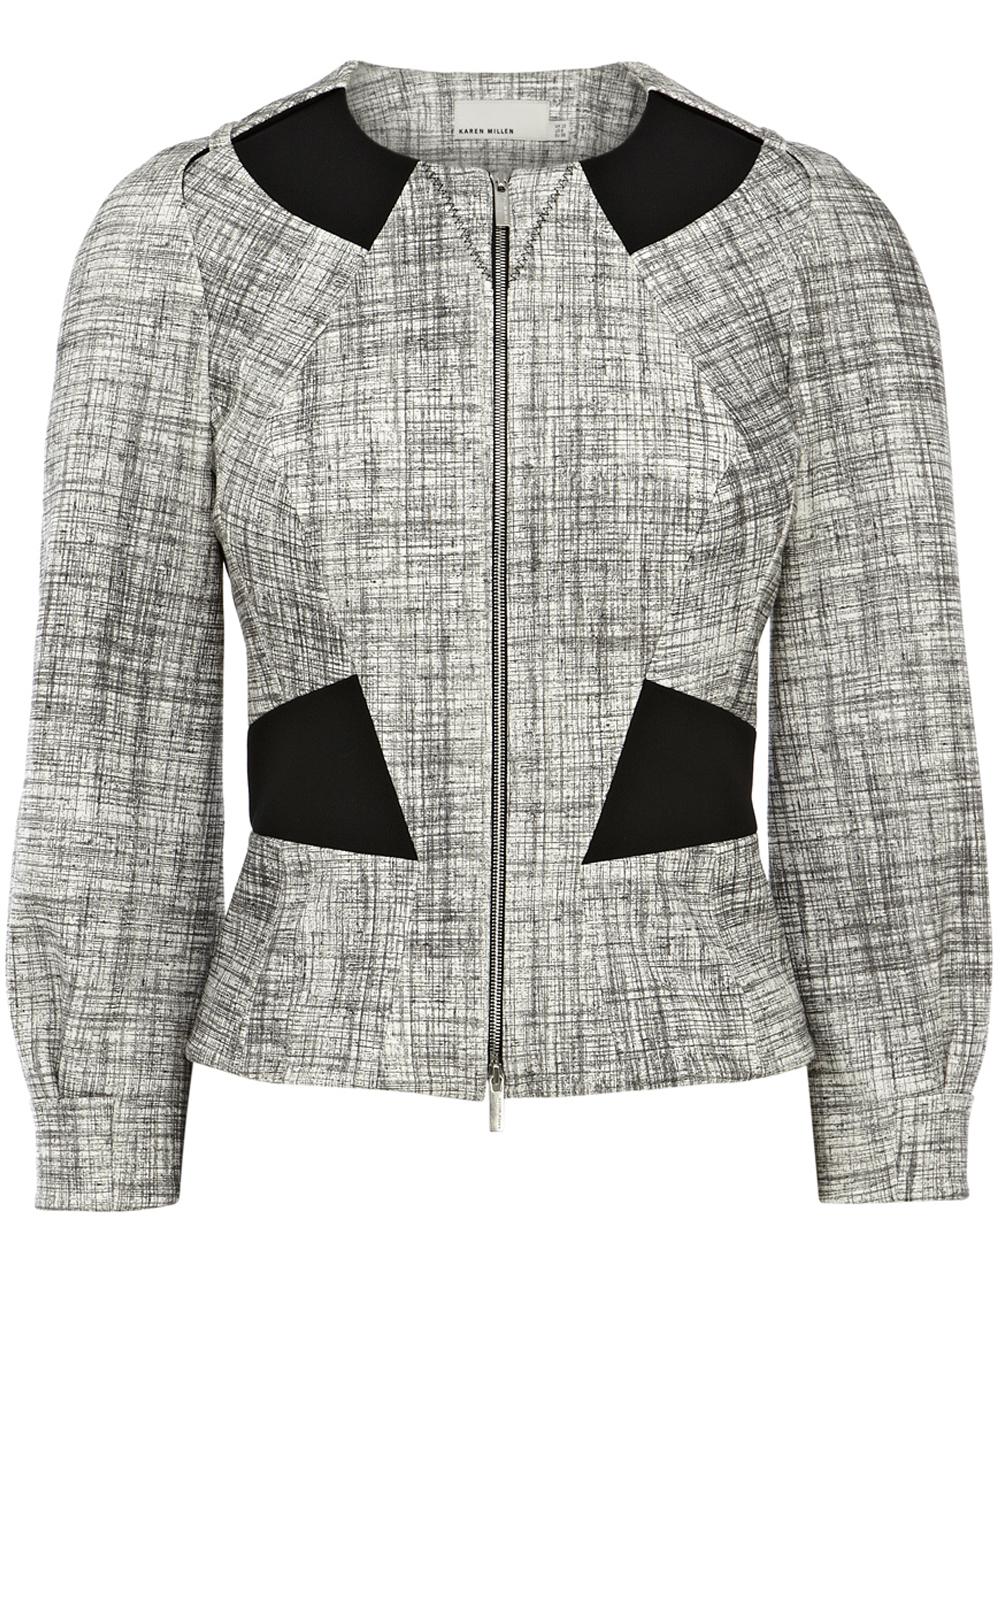 6ed713fe56 Karen Millen blog | Fashion blog from women's designer clothing ...